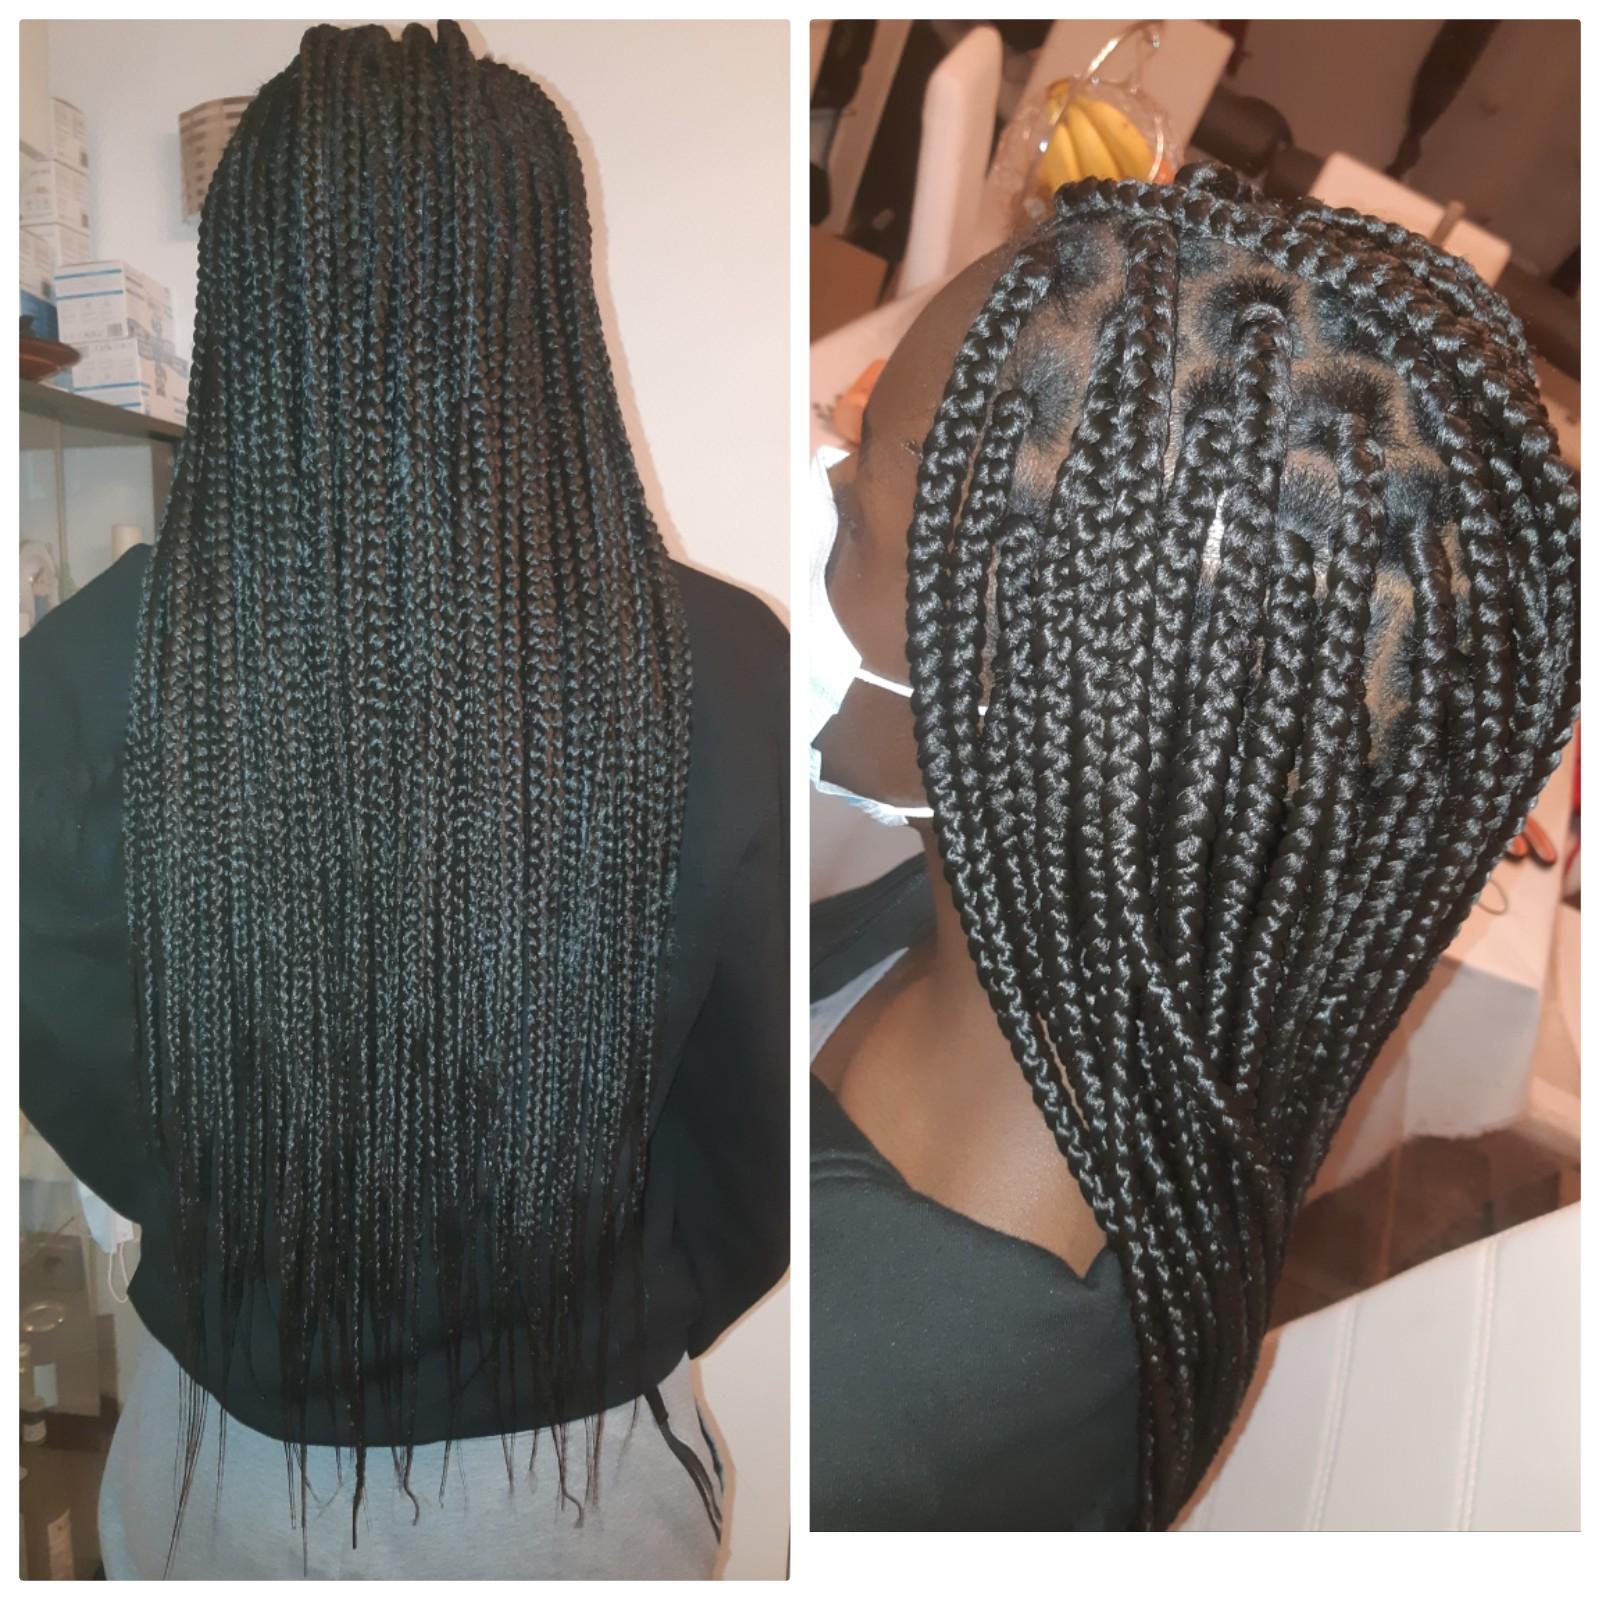 salon de coiffure afro tresse tresses box braids crochet braids vanilles tissages paris 75 77 78 91 92 93 94 95 HEFKHPEA